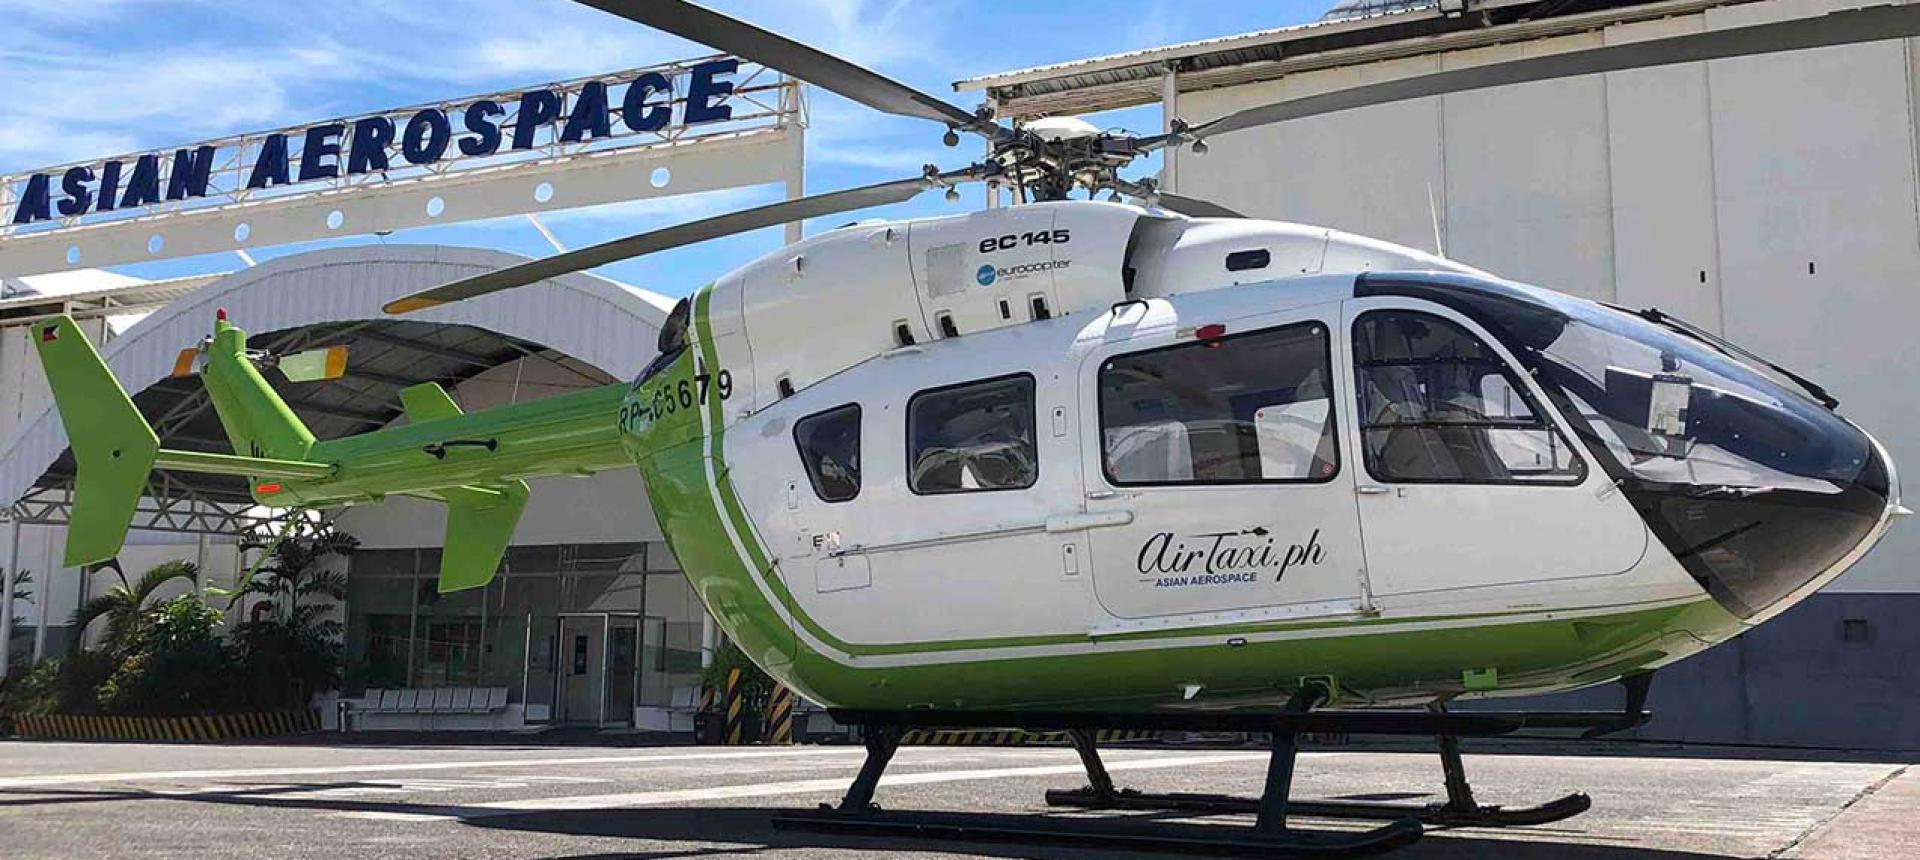 Airbus EC145 Main 1